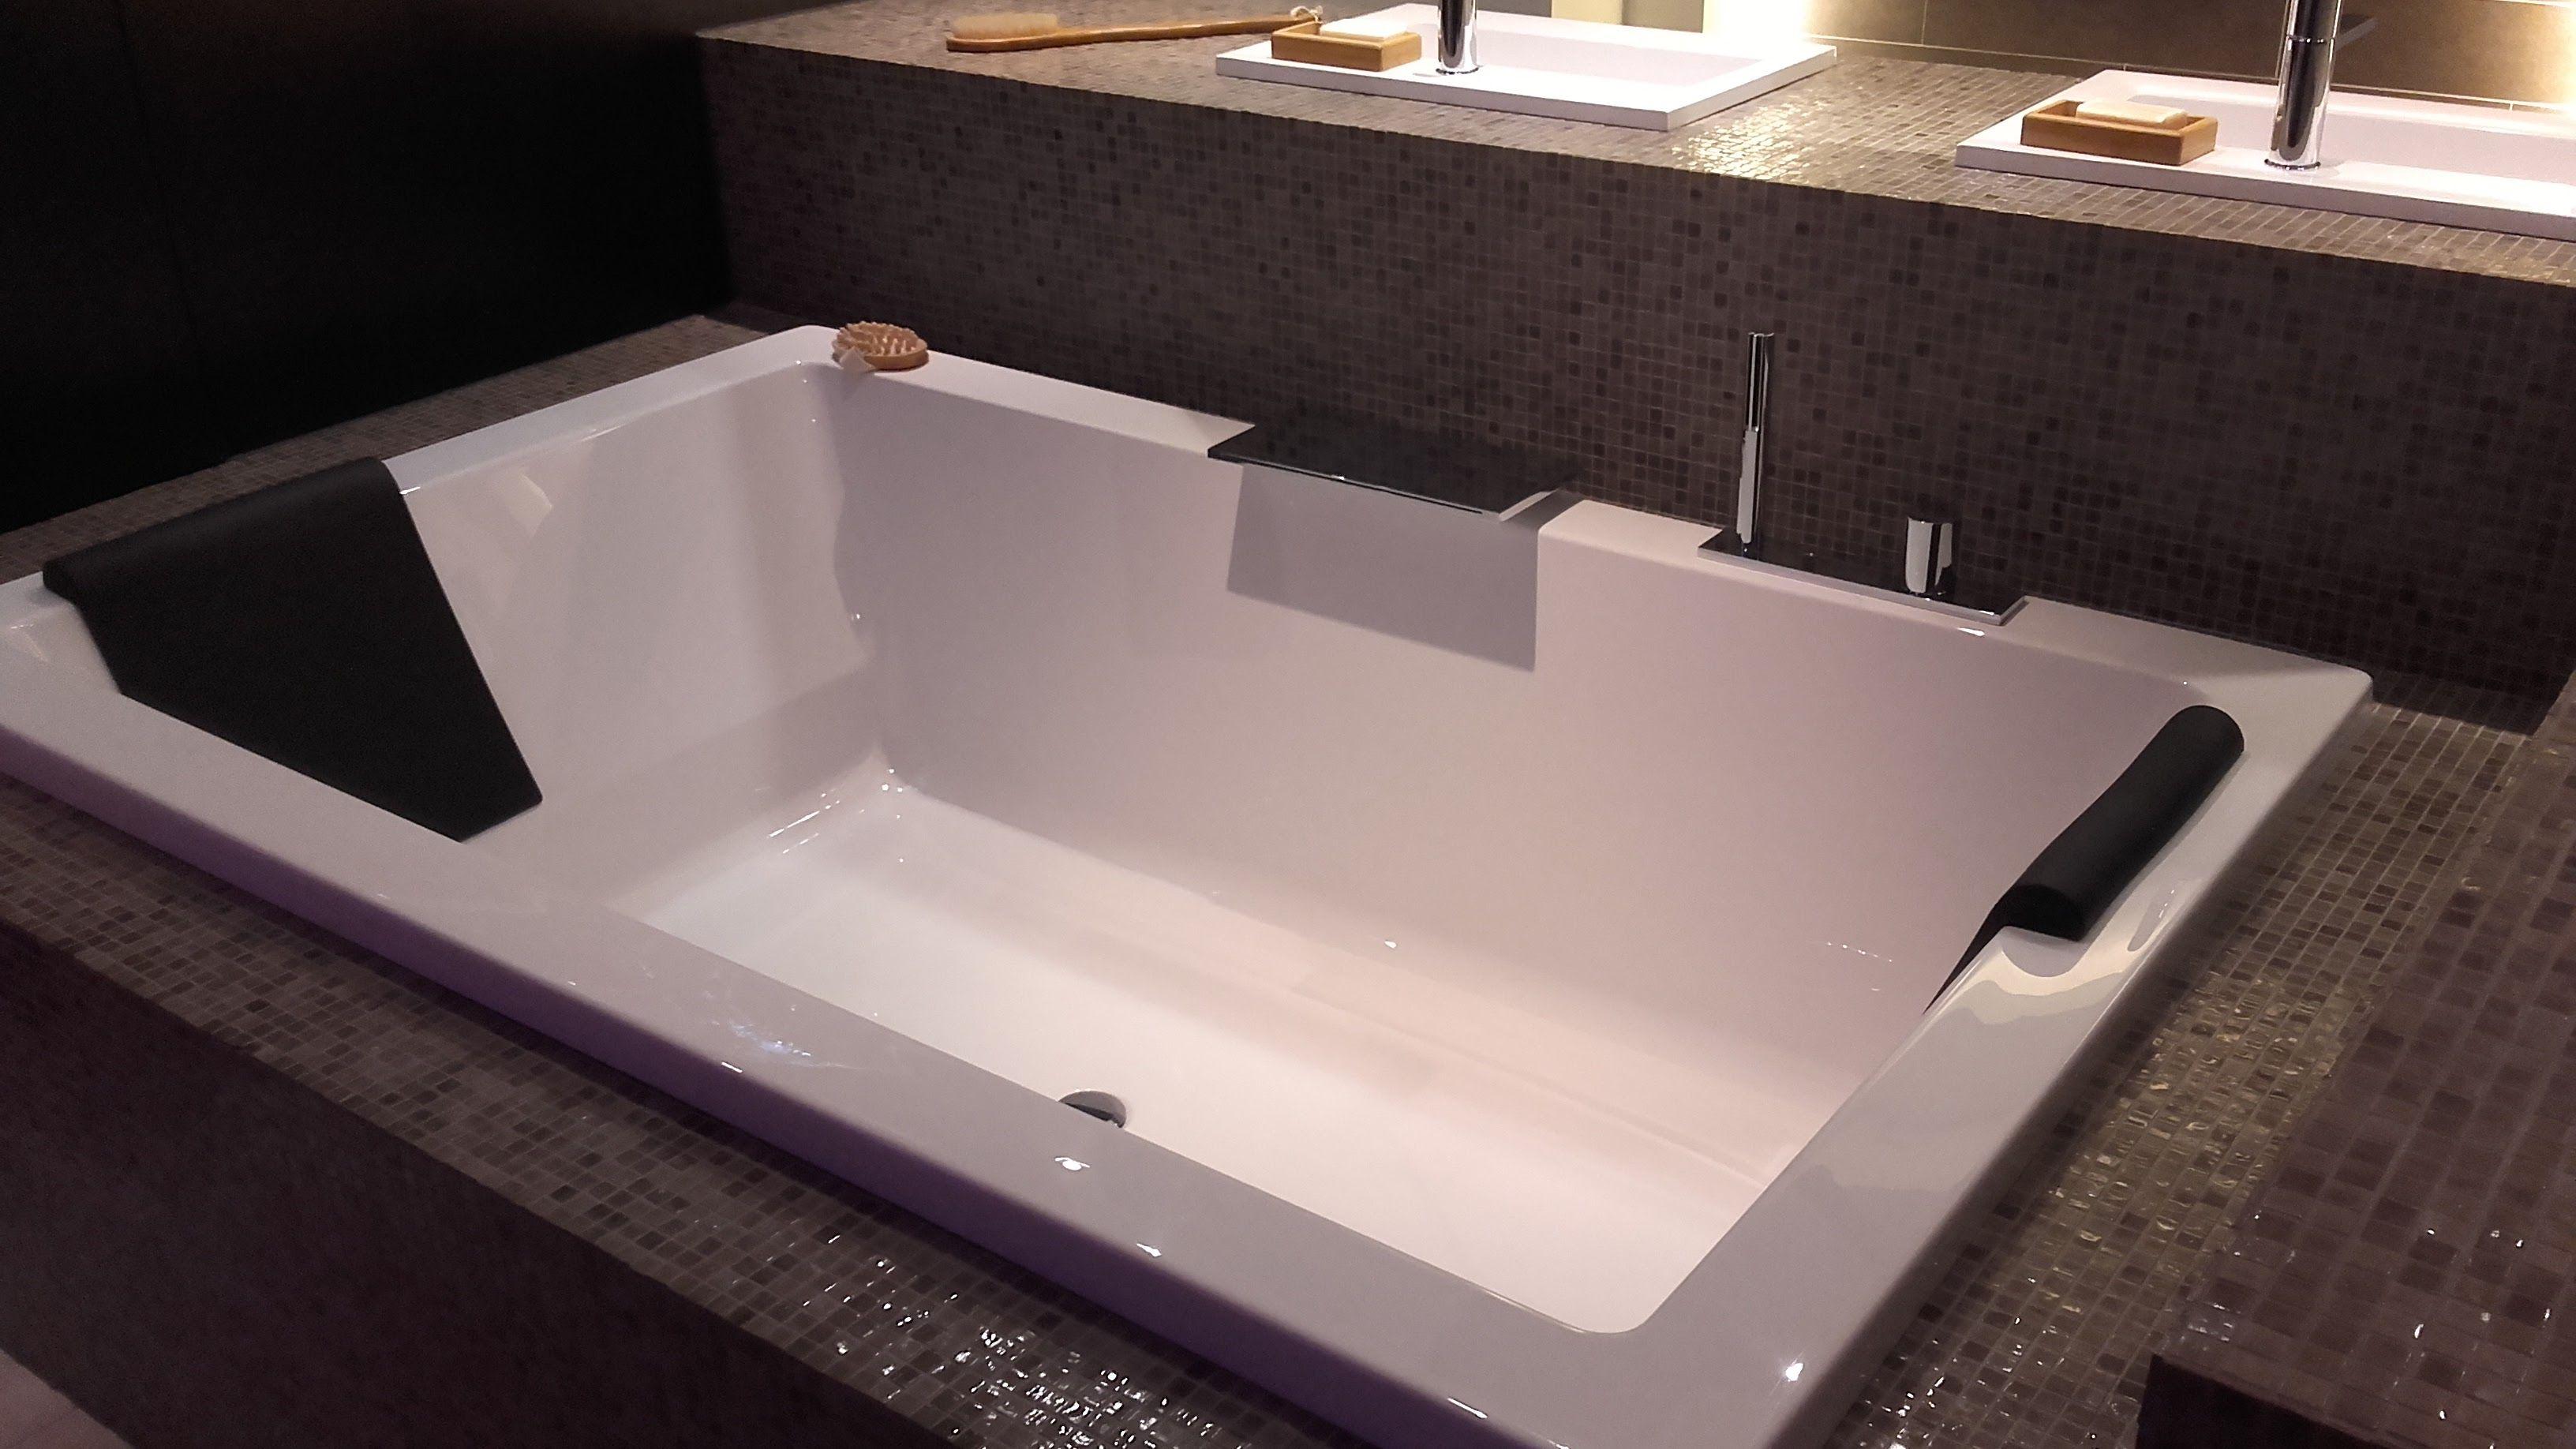 Alle showroomkeuken aanbiedingen uit nederland keukens voor zeer lage - Zwarte hoek bad ...